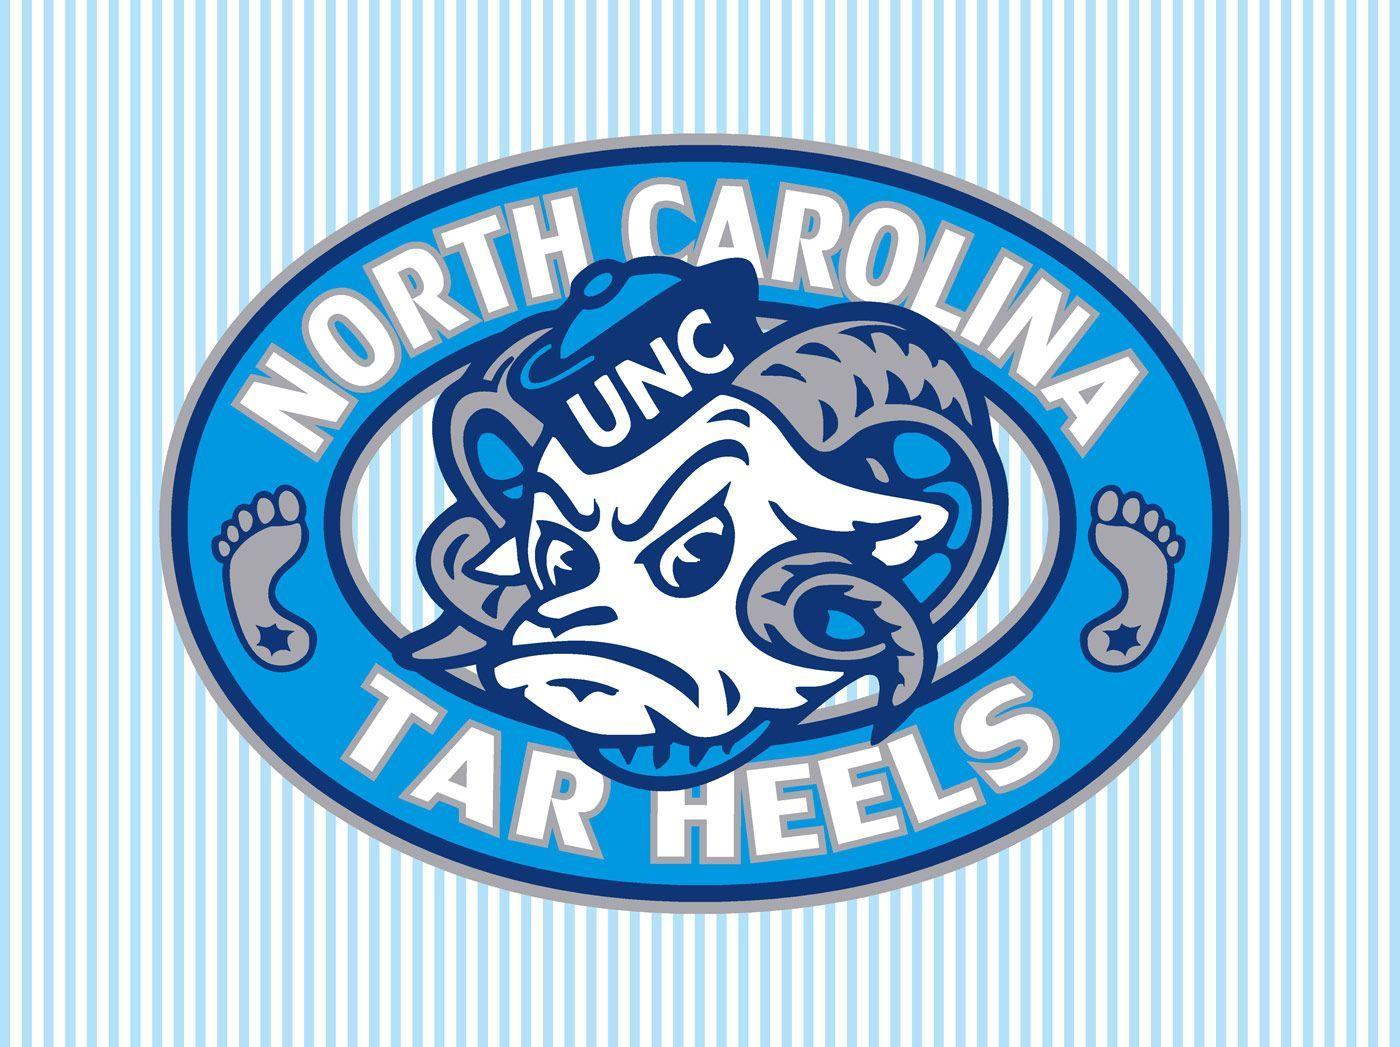 North Carolina Tar Heels Basketball Wallpapers Group